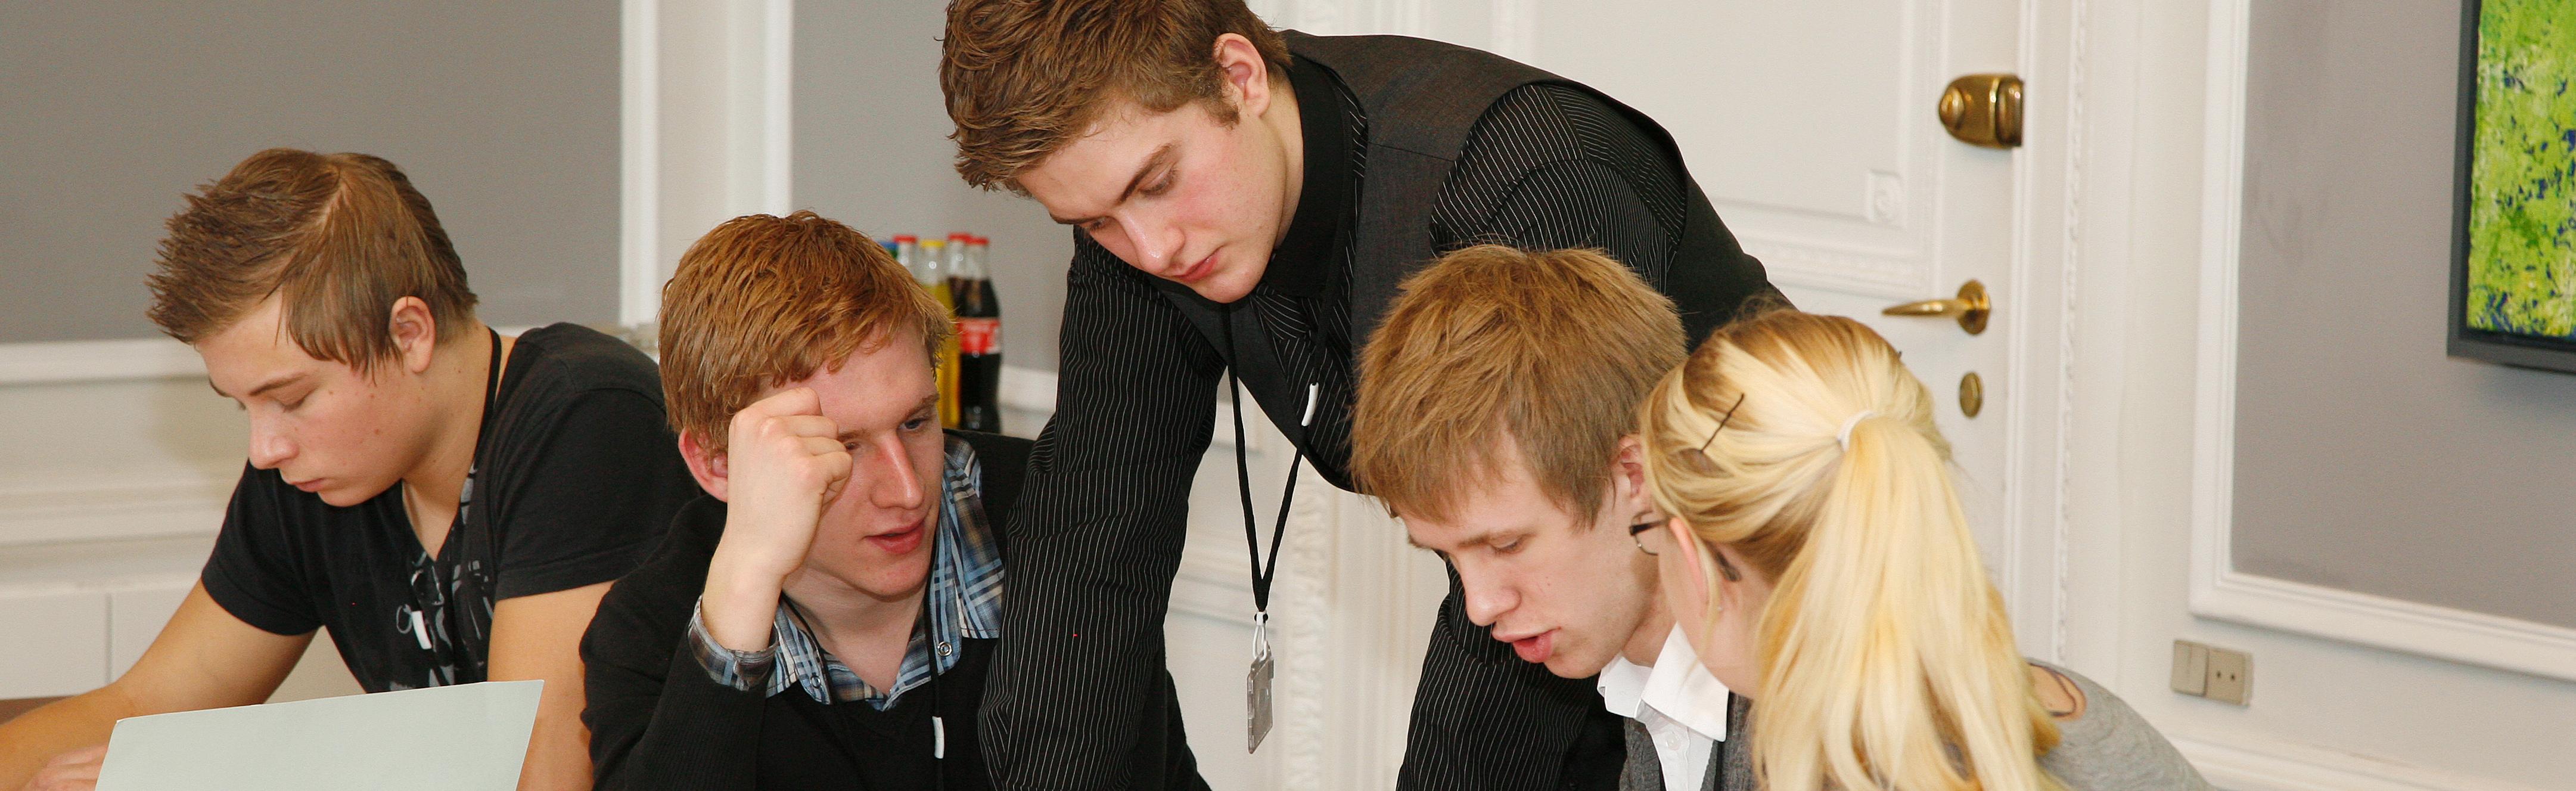 Unge arbejder i grupper